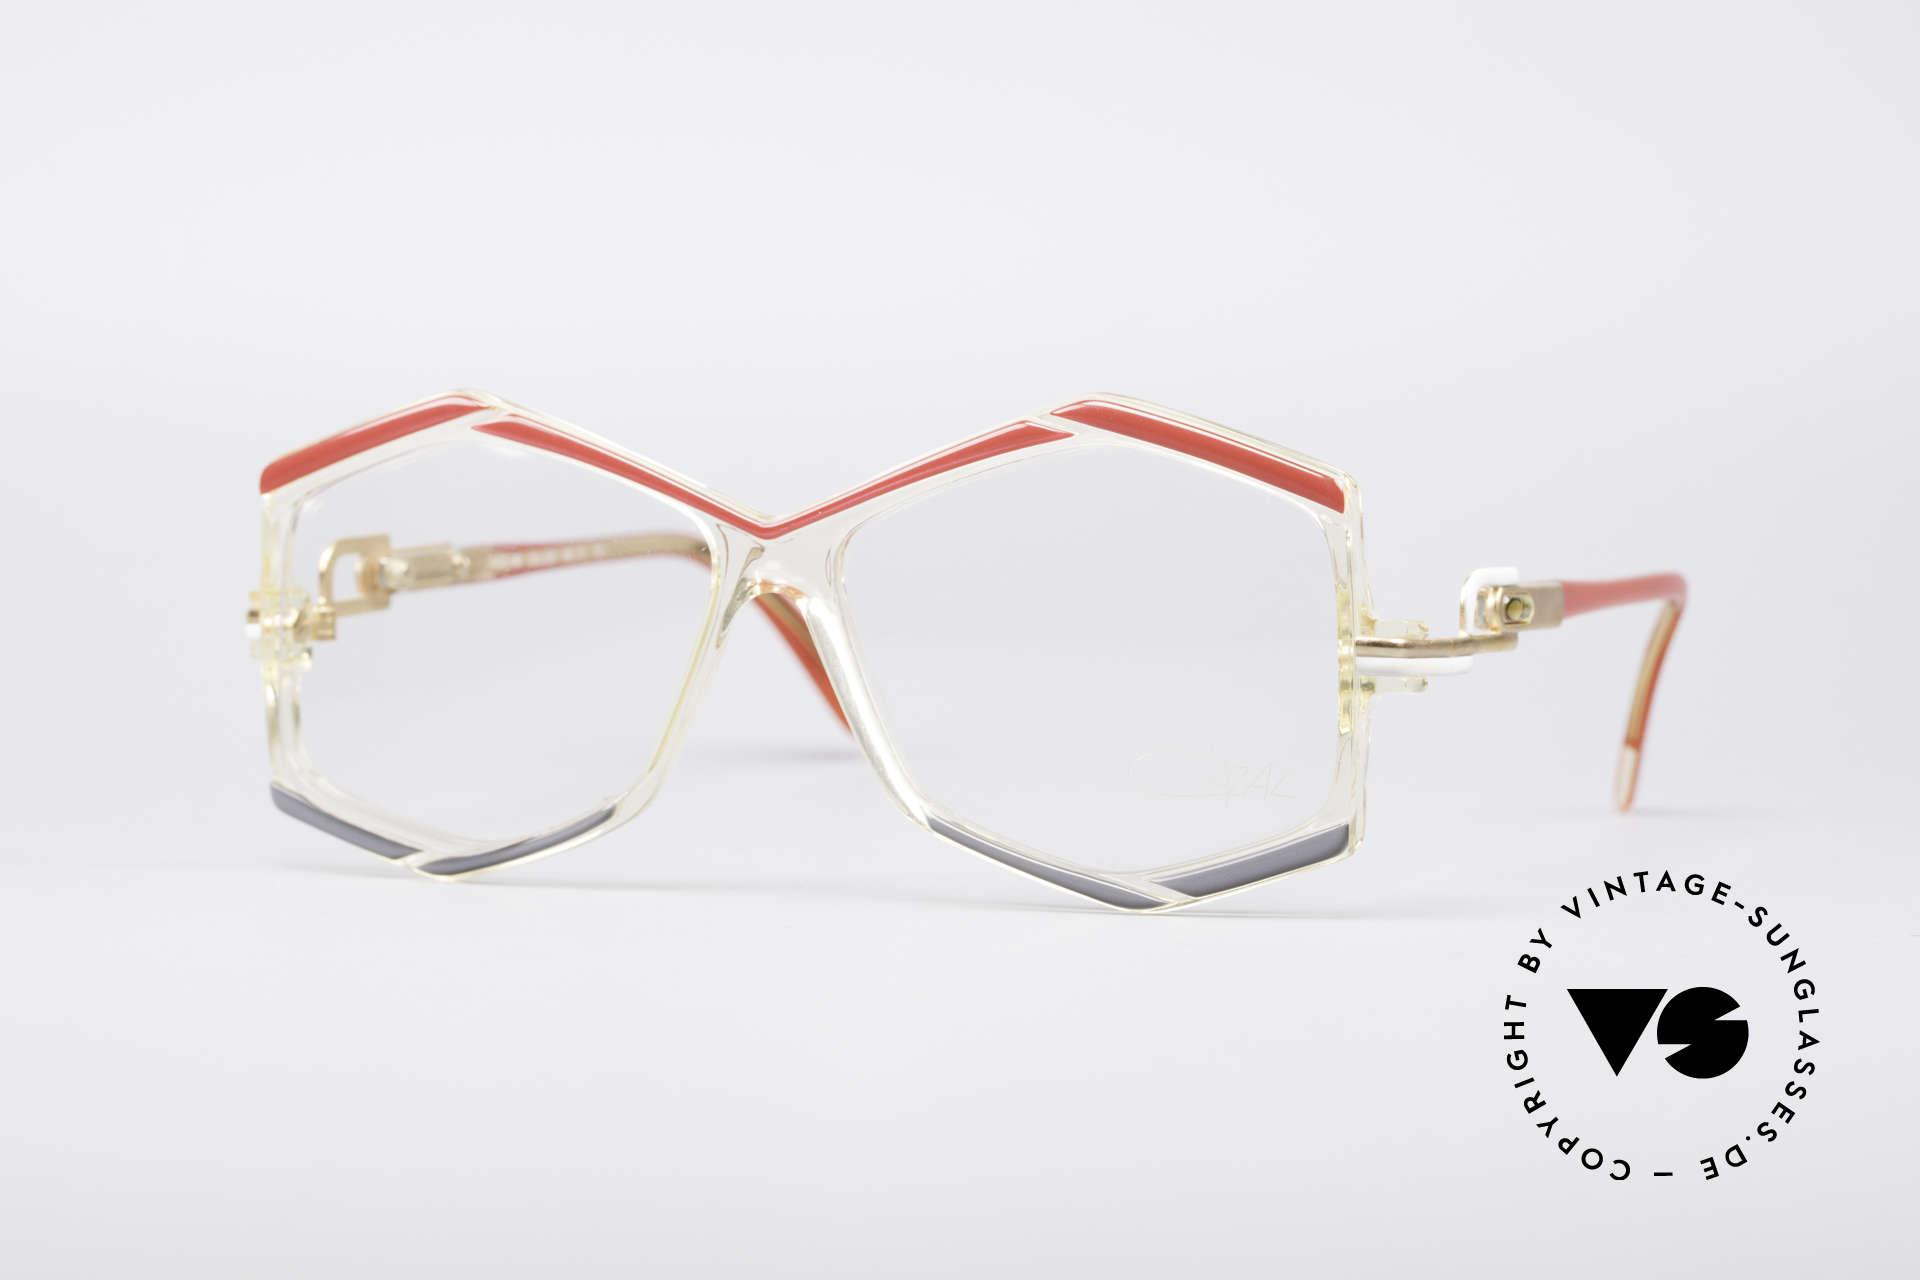 Cazal 180 80er Designerbrille, sechseckige Cazal Designerbrille von 1986/1987, Passend für Damen